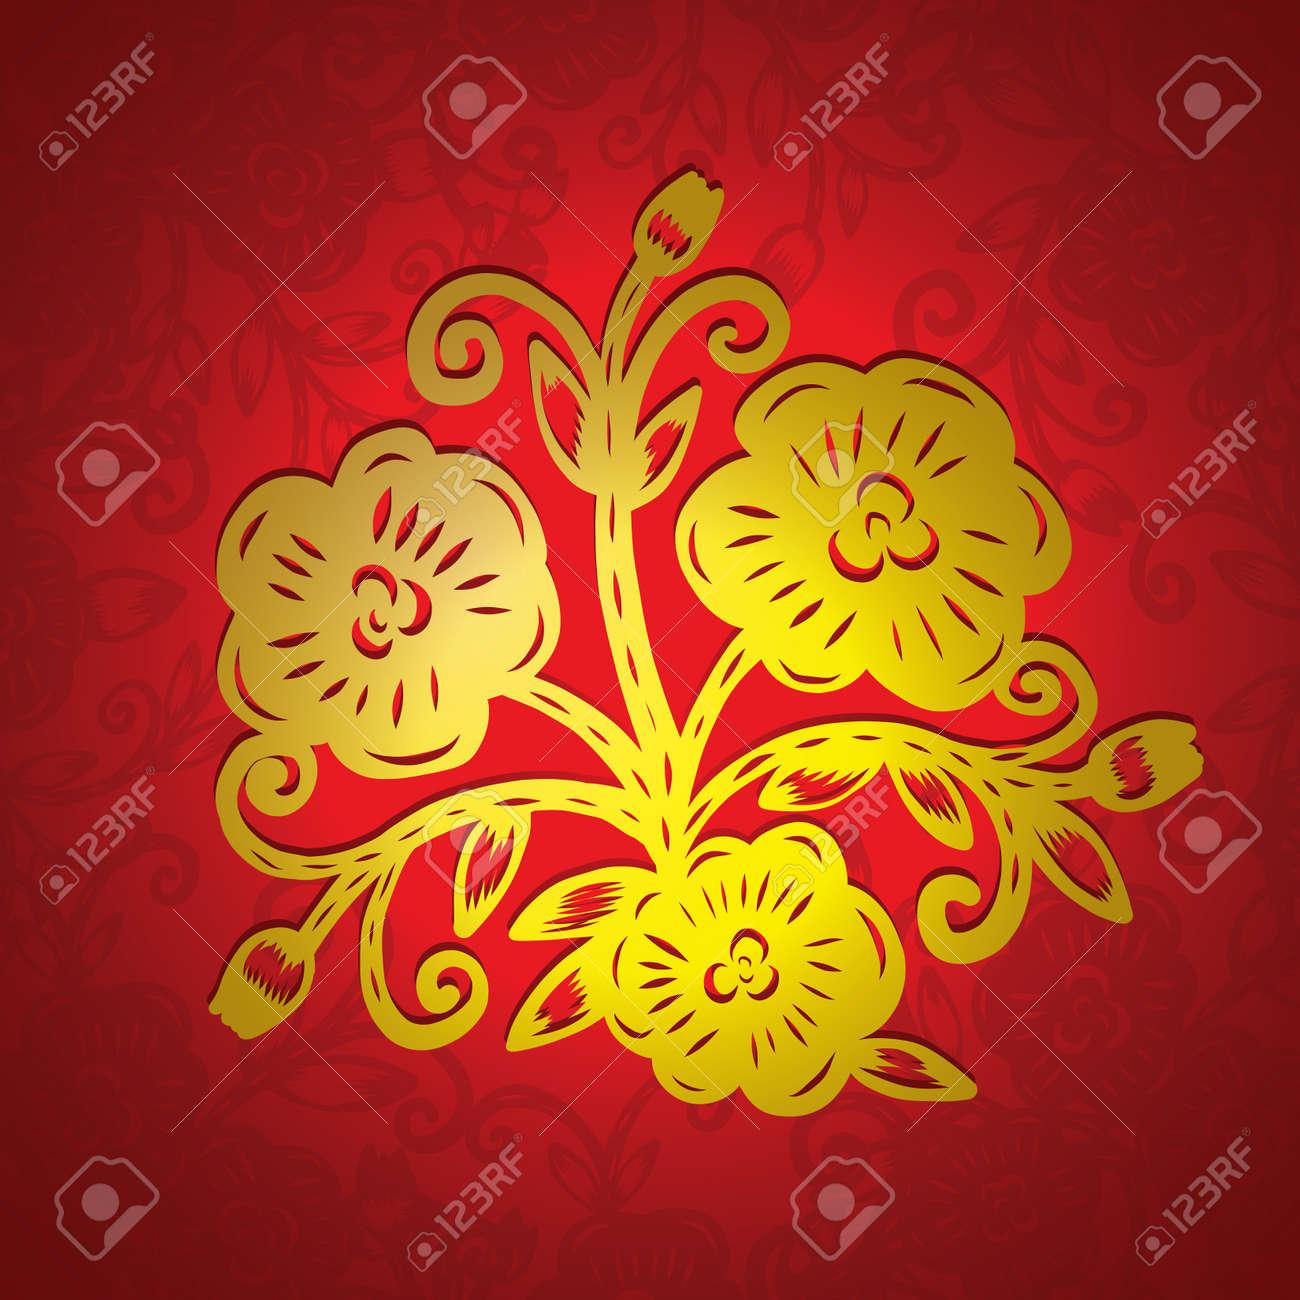 découpage de papier chinois, fleur découpage de papier, illustration